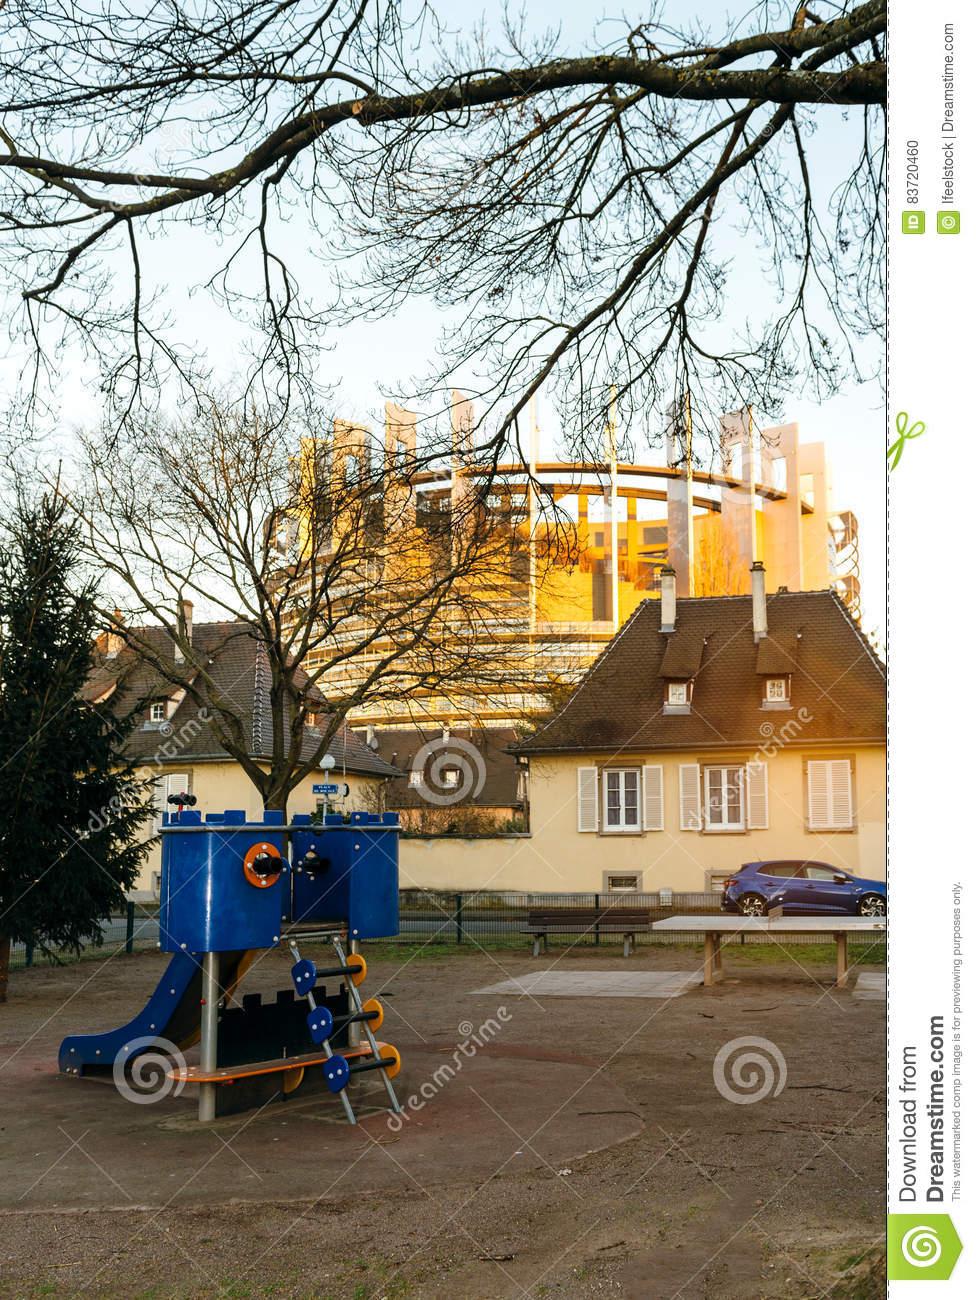 Parc De Terrain De Jeu Du Parlement Européen Et D'enfants encequiconcerne Jeux Union Européenne